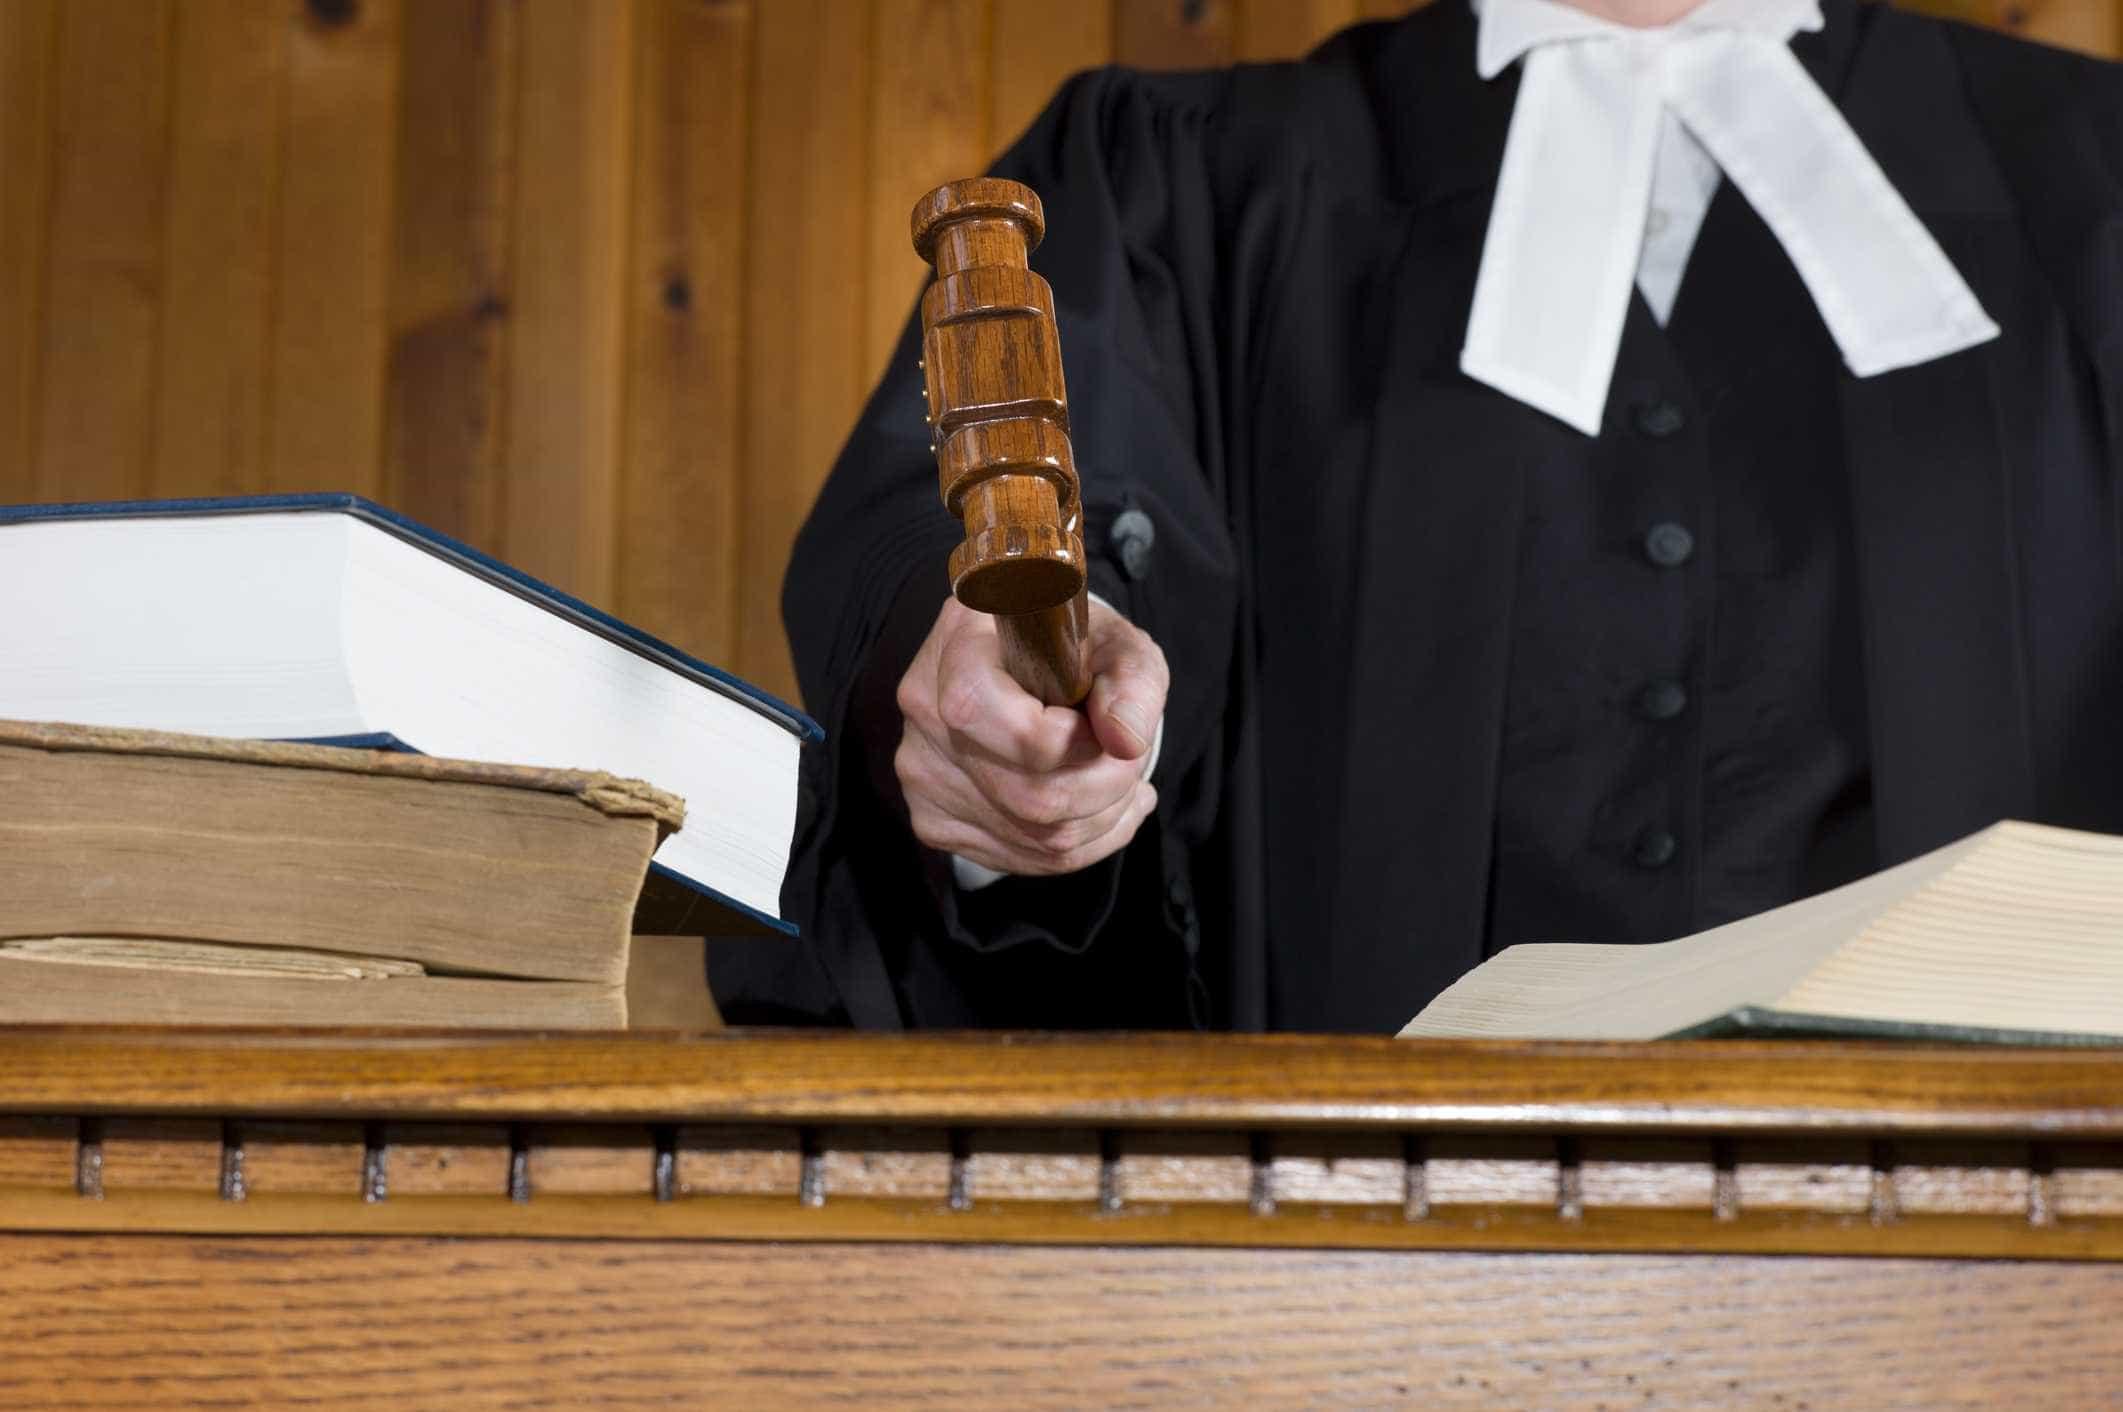 Operação Lex: Conselho Superior de Magistratura espera informação oficial